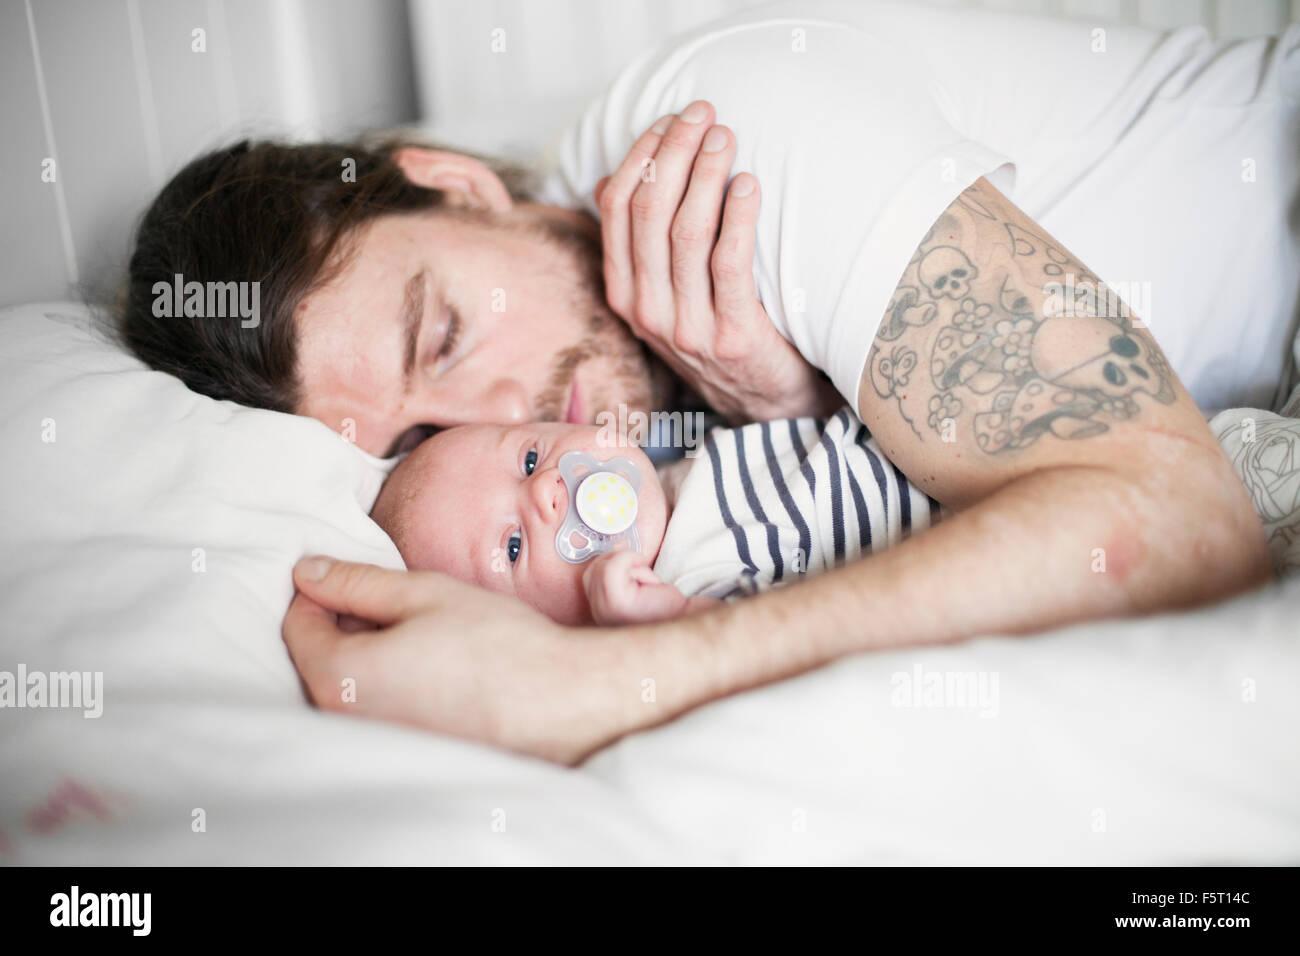 Schweden, Vater und Baby Boy (0-1 Monate) ruhen Stockbild